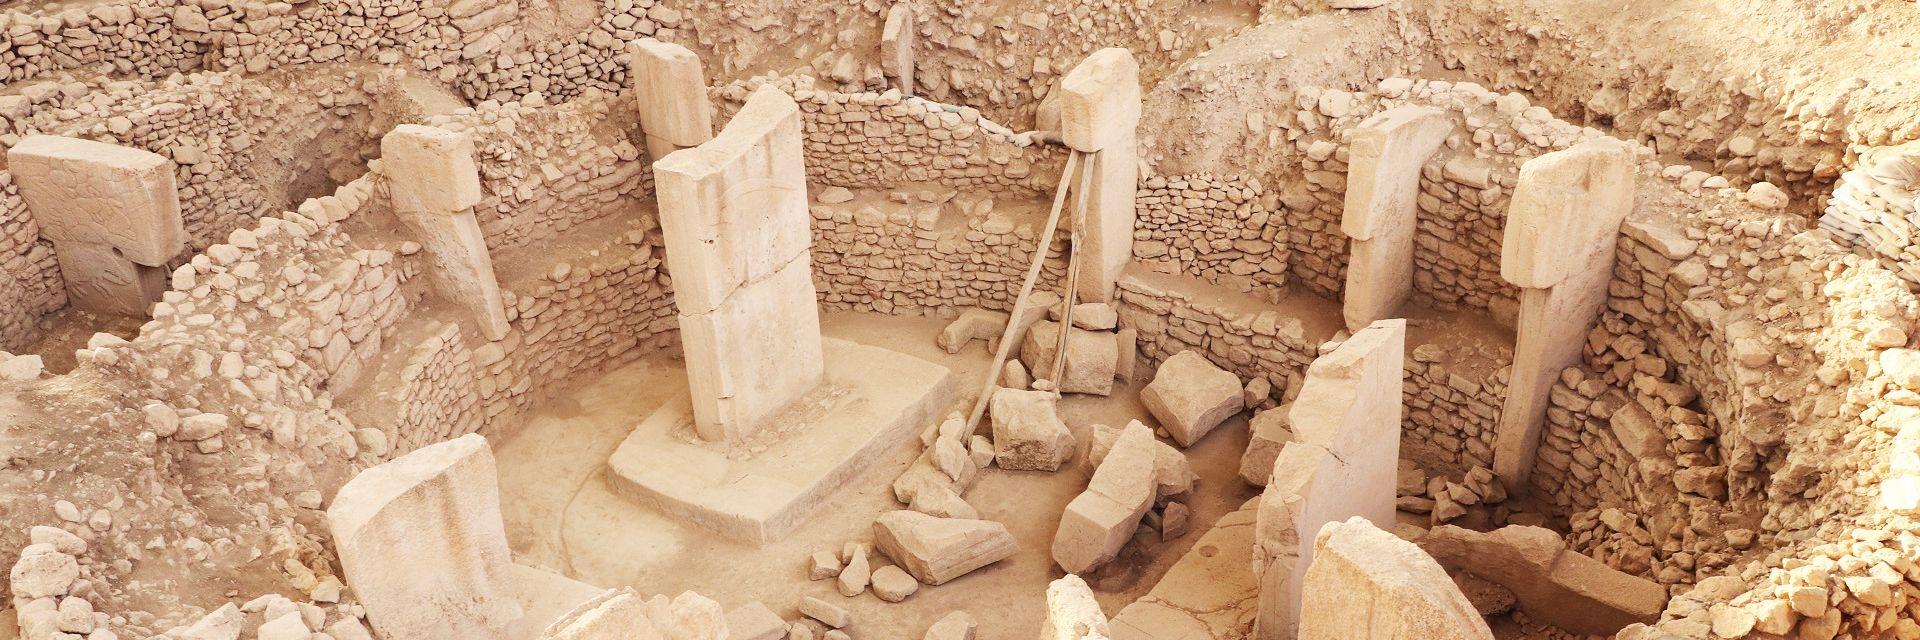 Göbeklitepe'nin Neolitik Dönemdeki Yeri